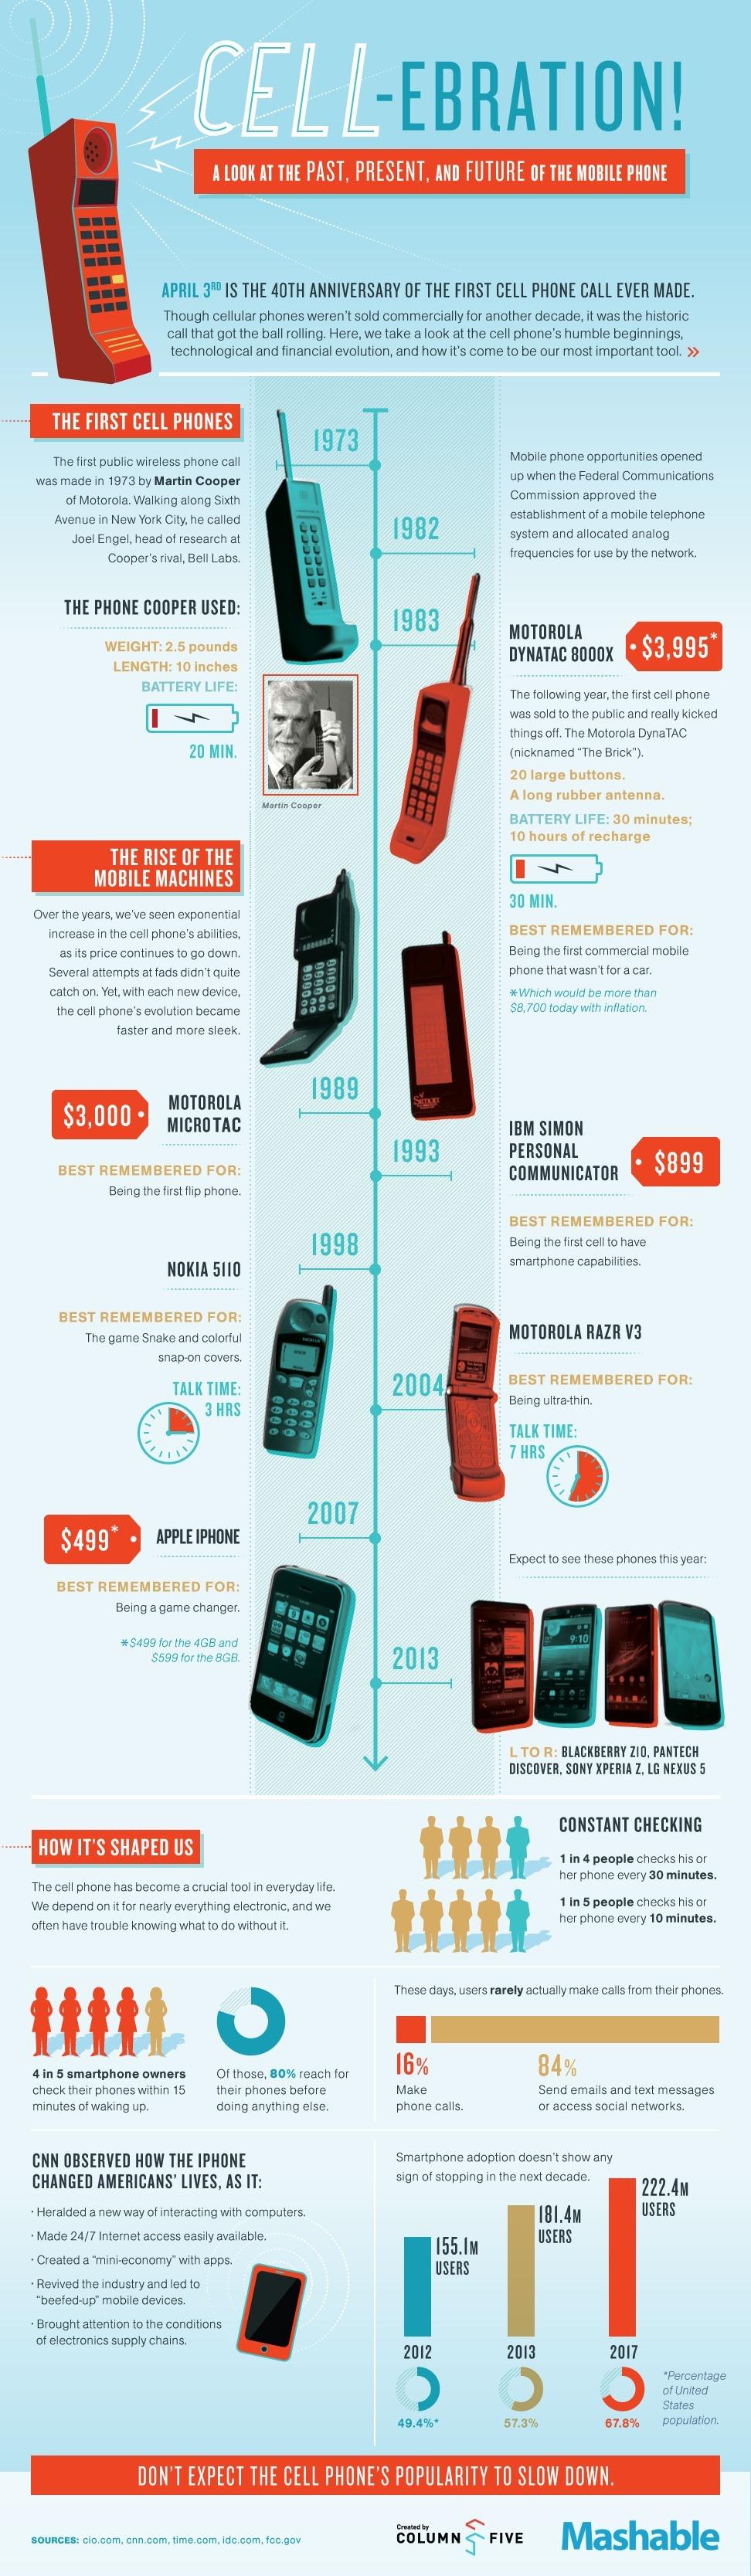 Historia y evolución del teléfono celular